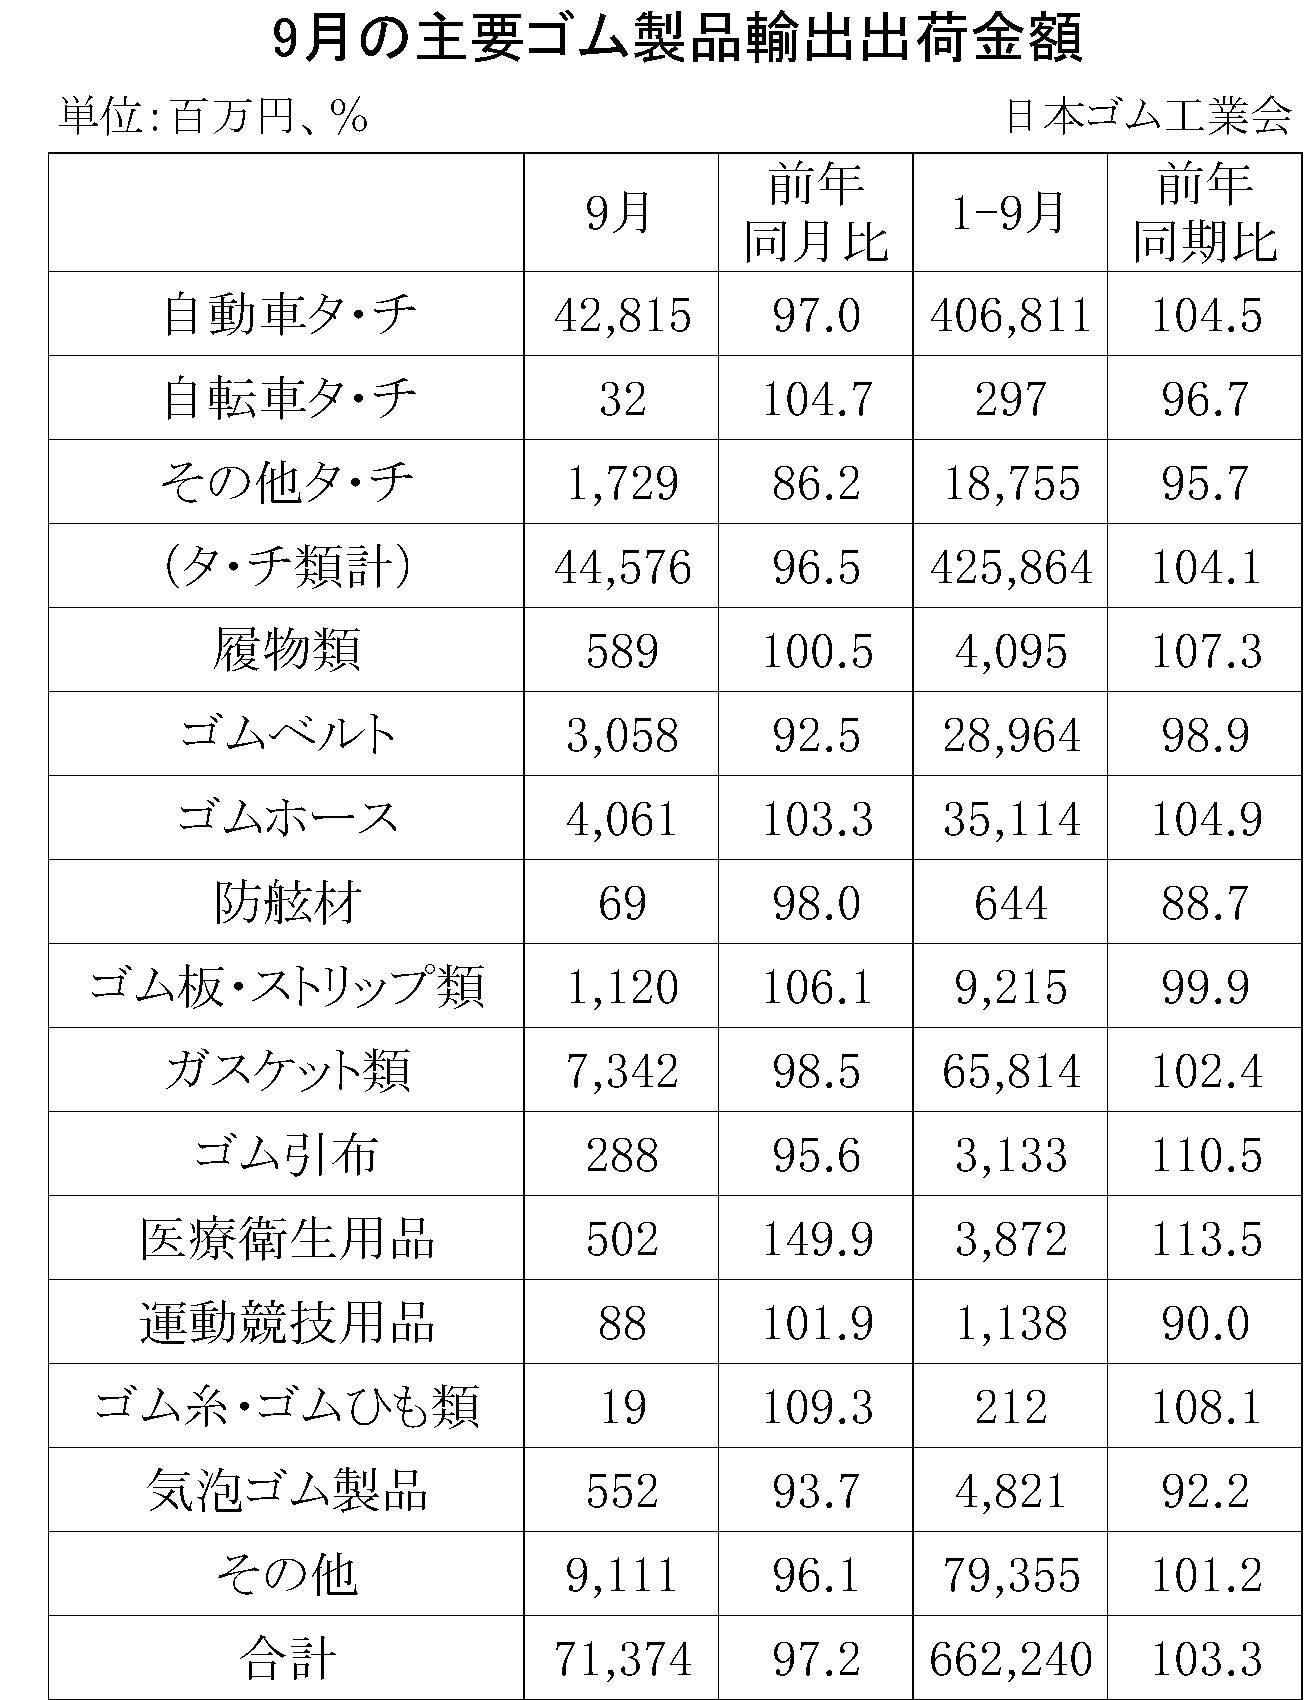 9月ゴム製品輸出